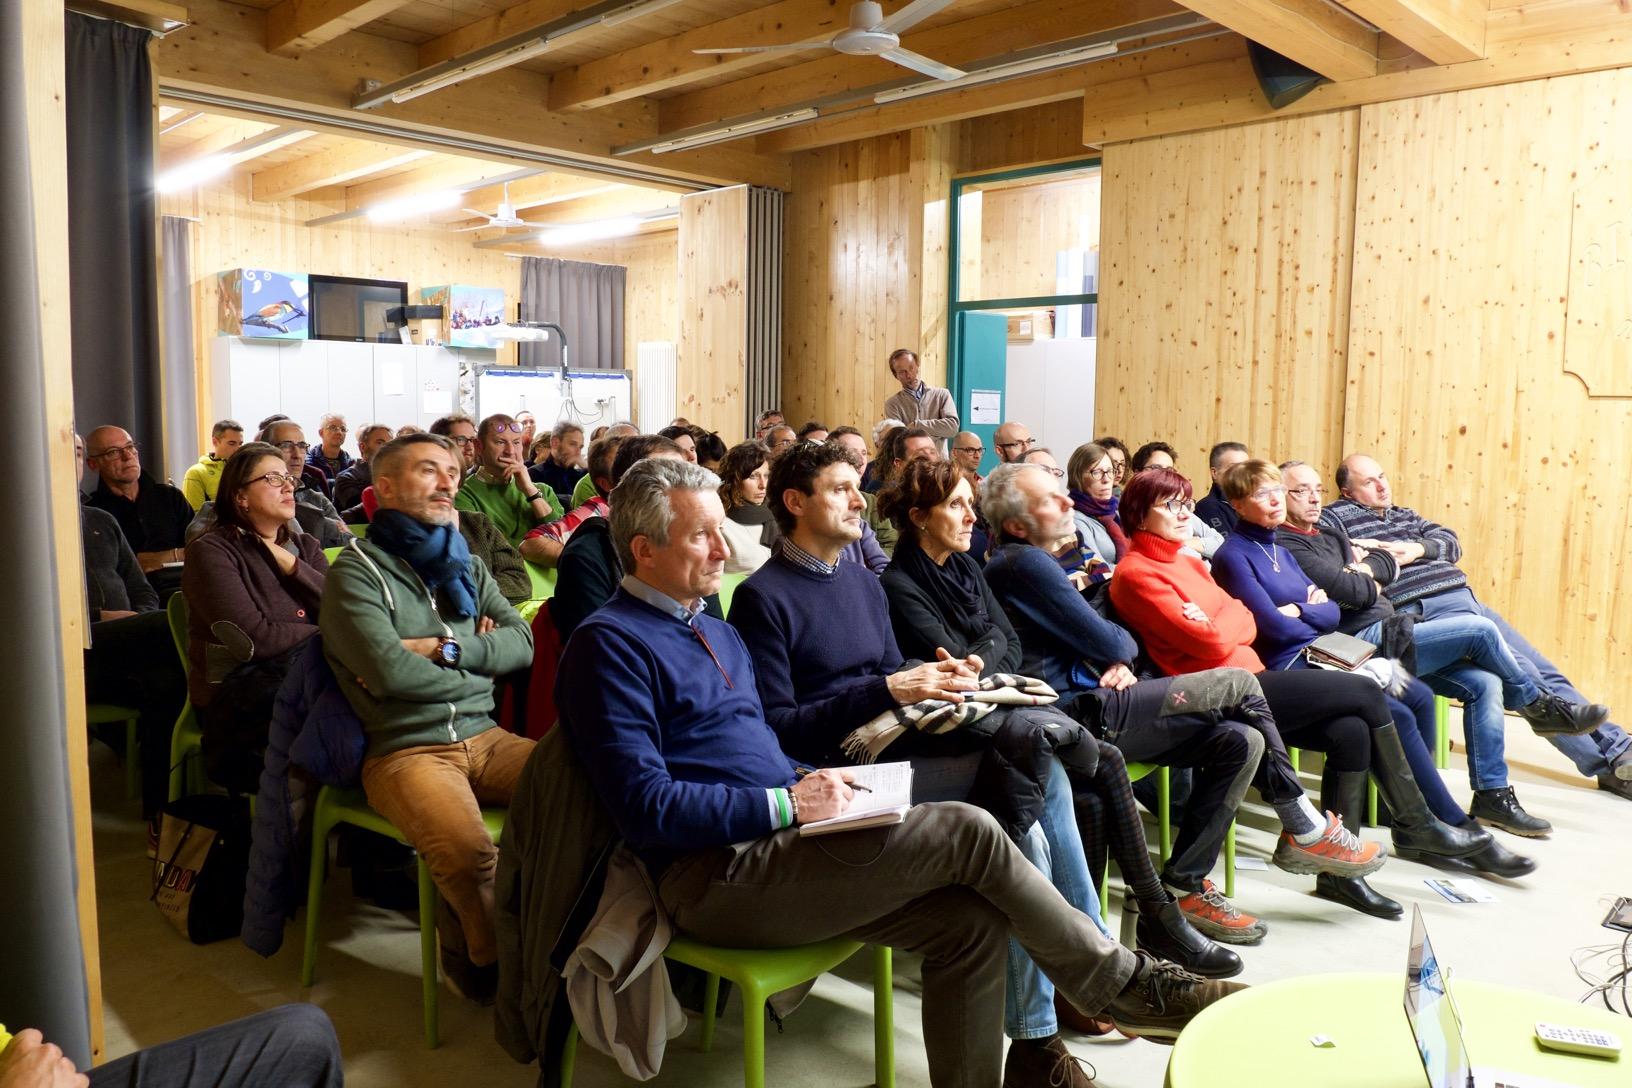 Il pubblico in sala. Presente anche l'assessore regionale Valmaggia.